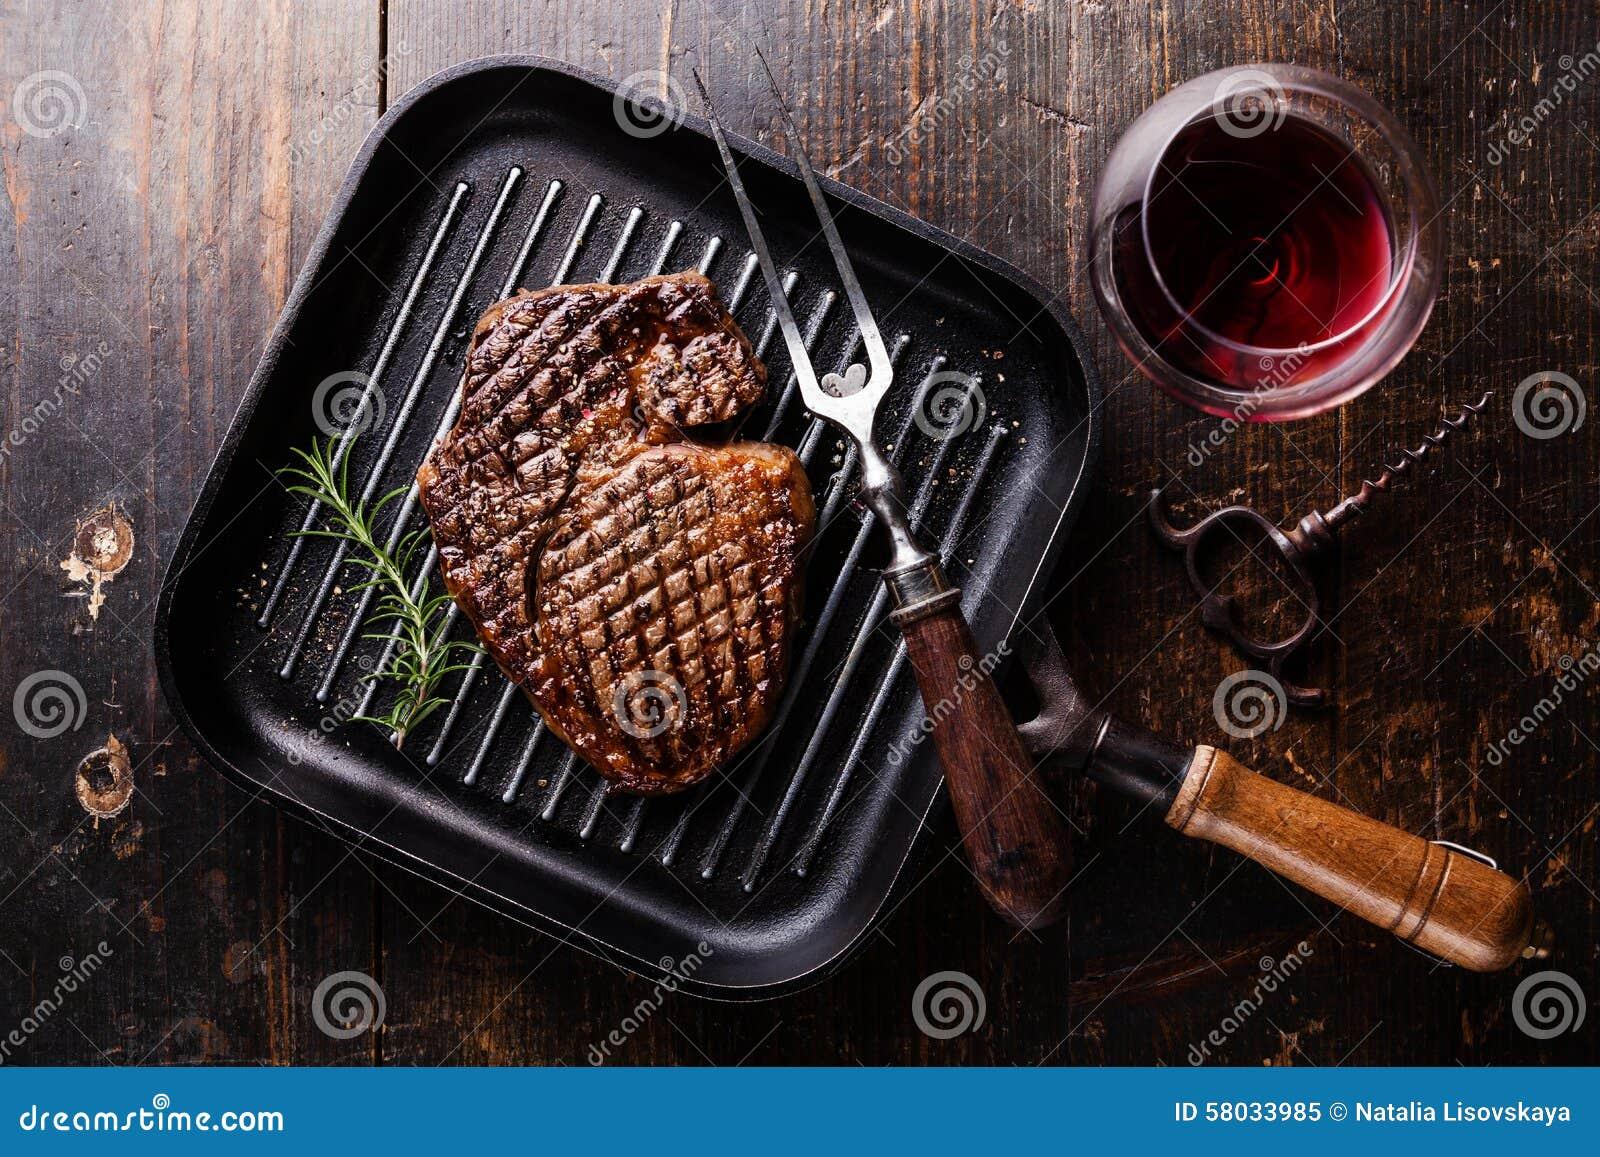 Grilled Black Angus Steak Ribeye on grill pan